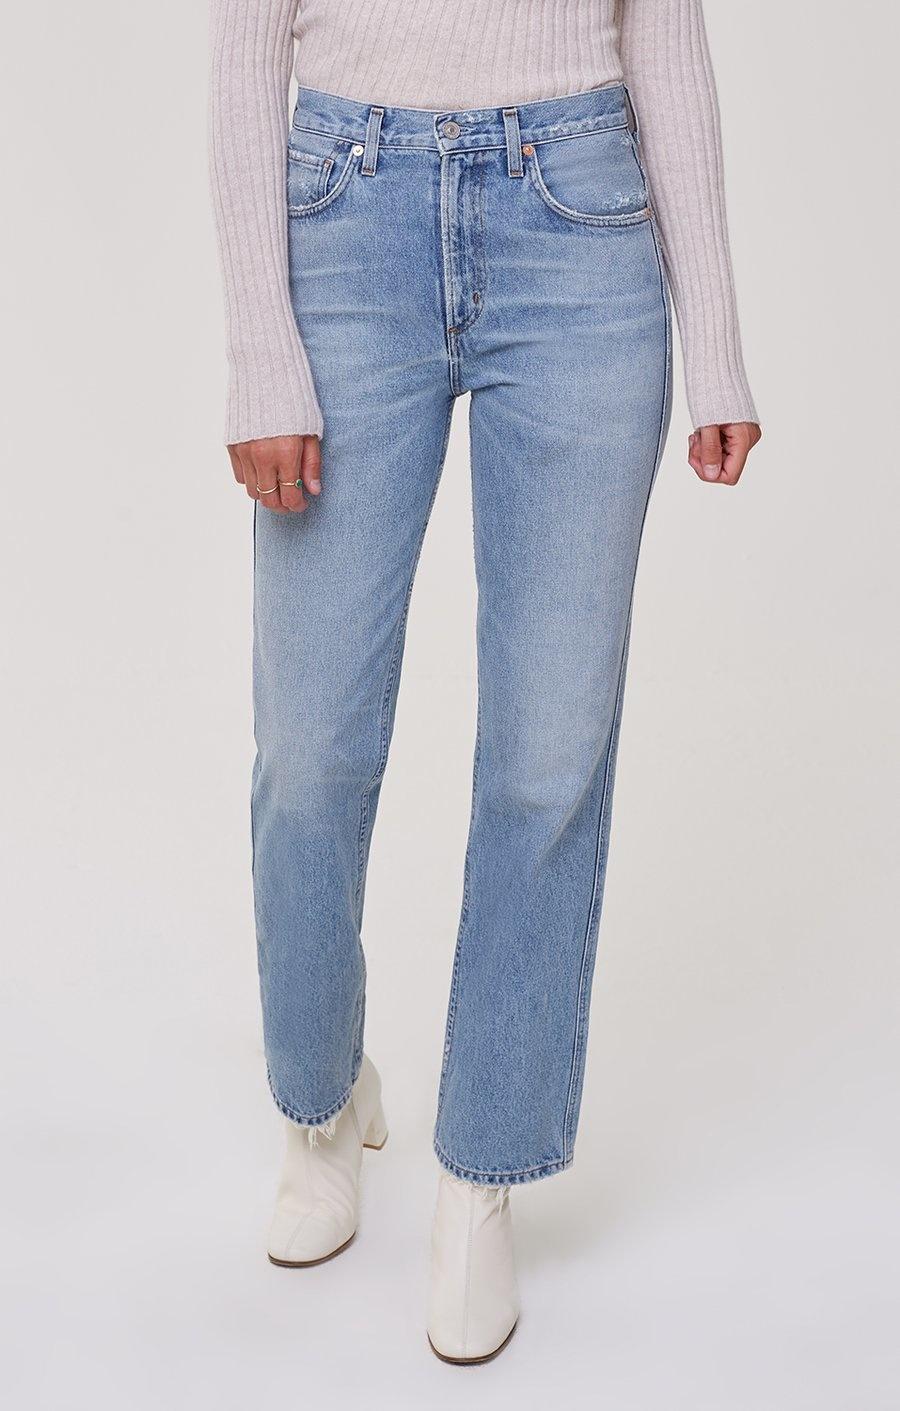 Daphne Jeans Nuance